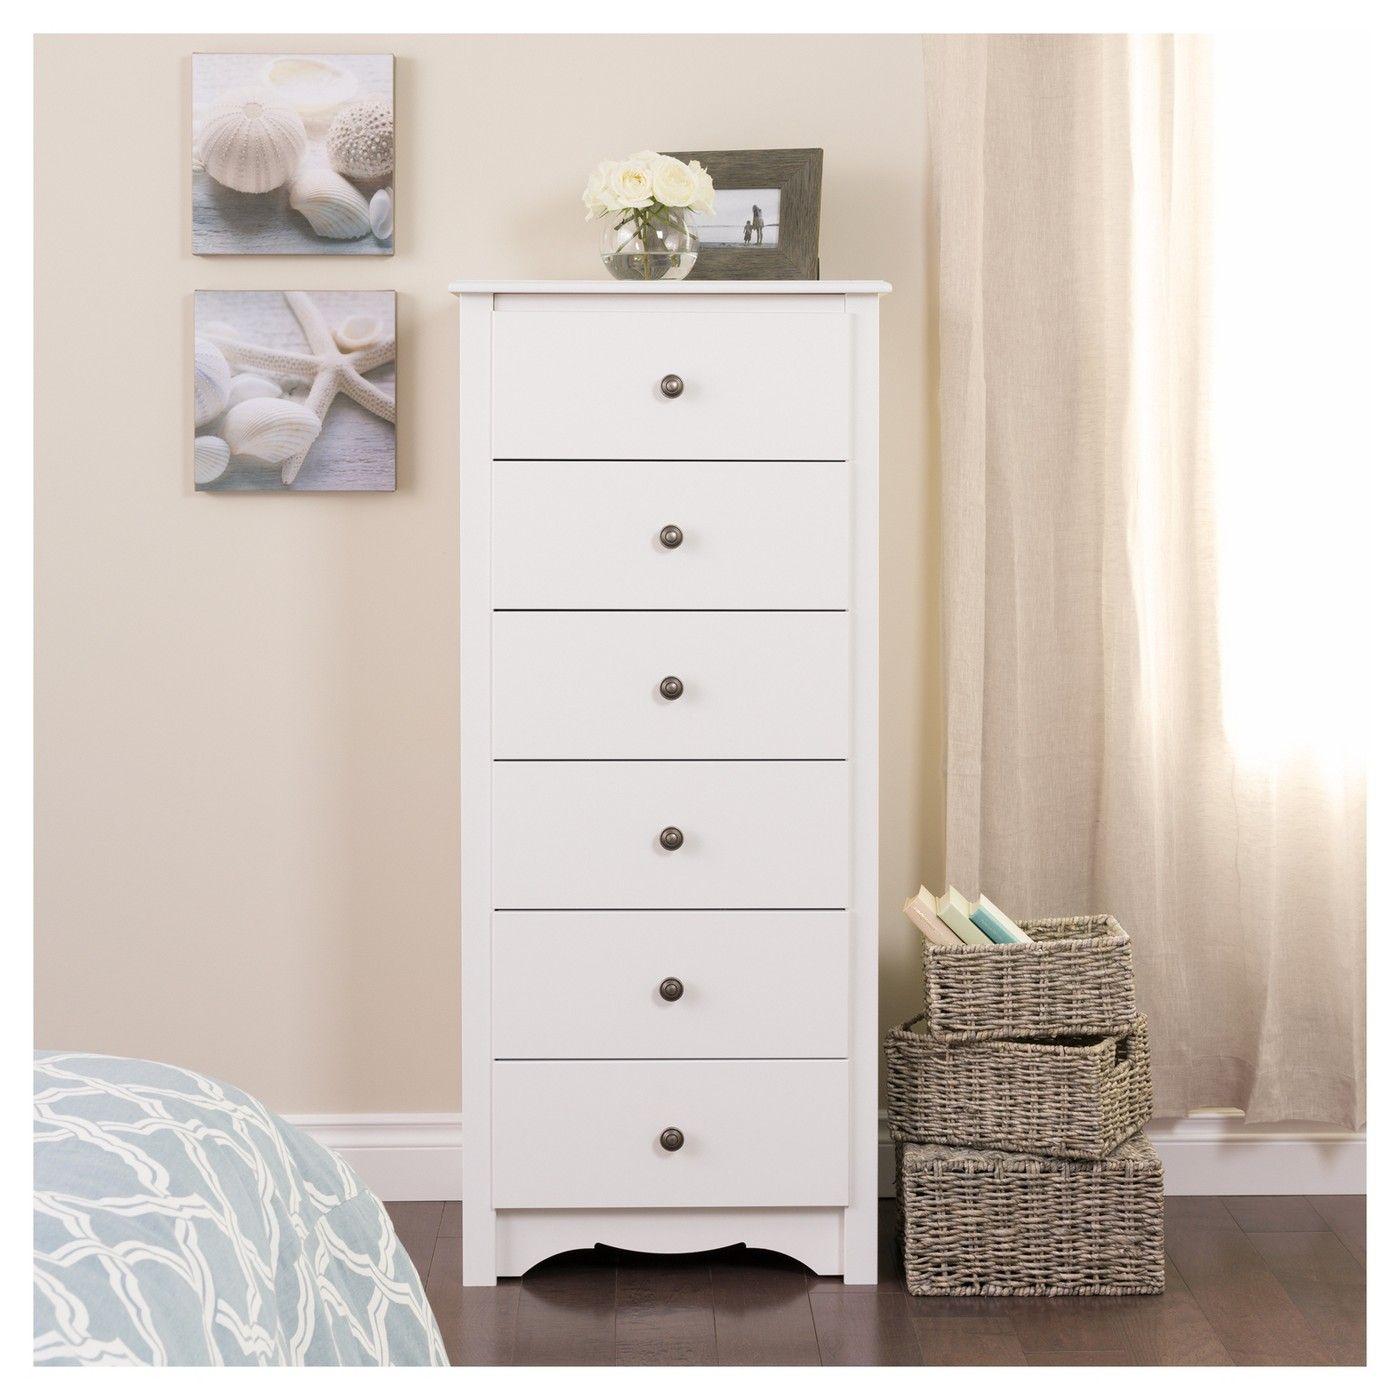 Monterey Vertical Dresser White Prepac Cosas De Dormitorio Mueble Para Ropa Muebles De Lujo [ 1400 x 1400 Pixel ]